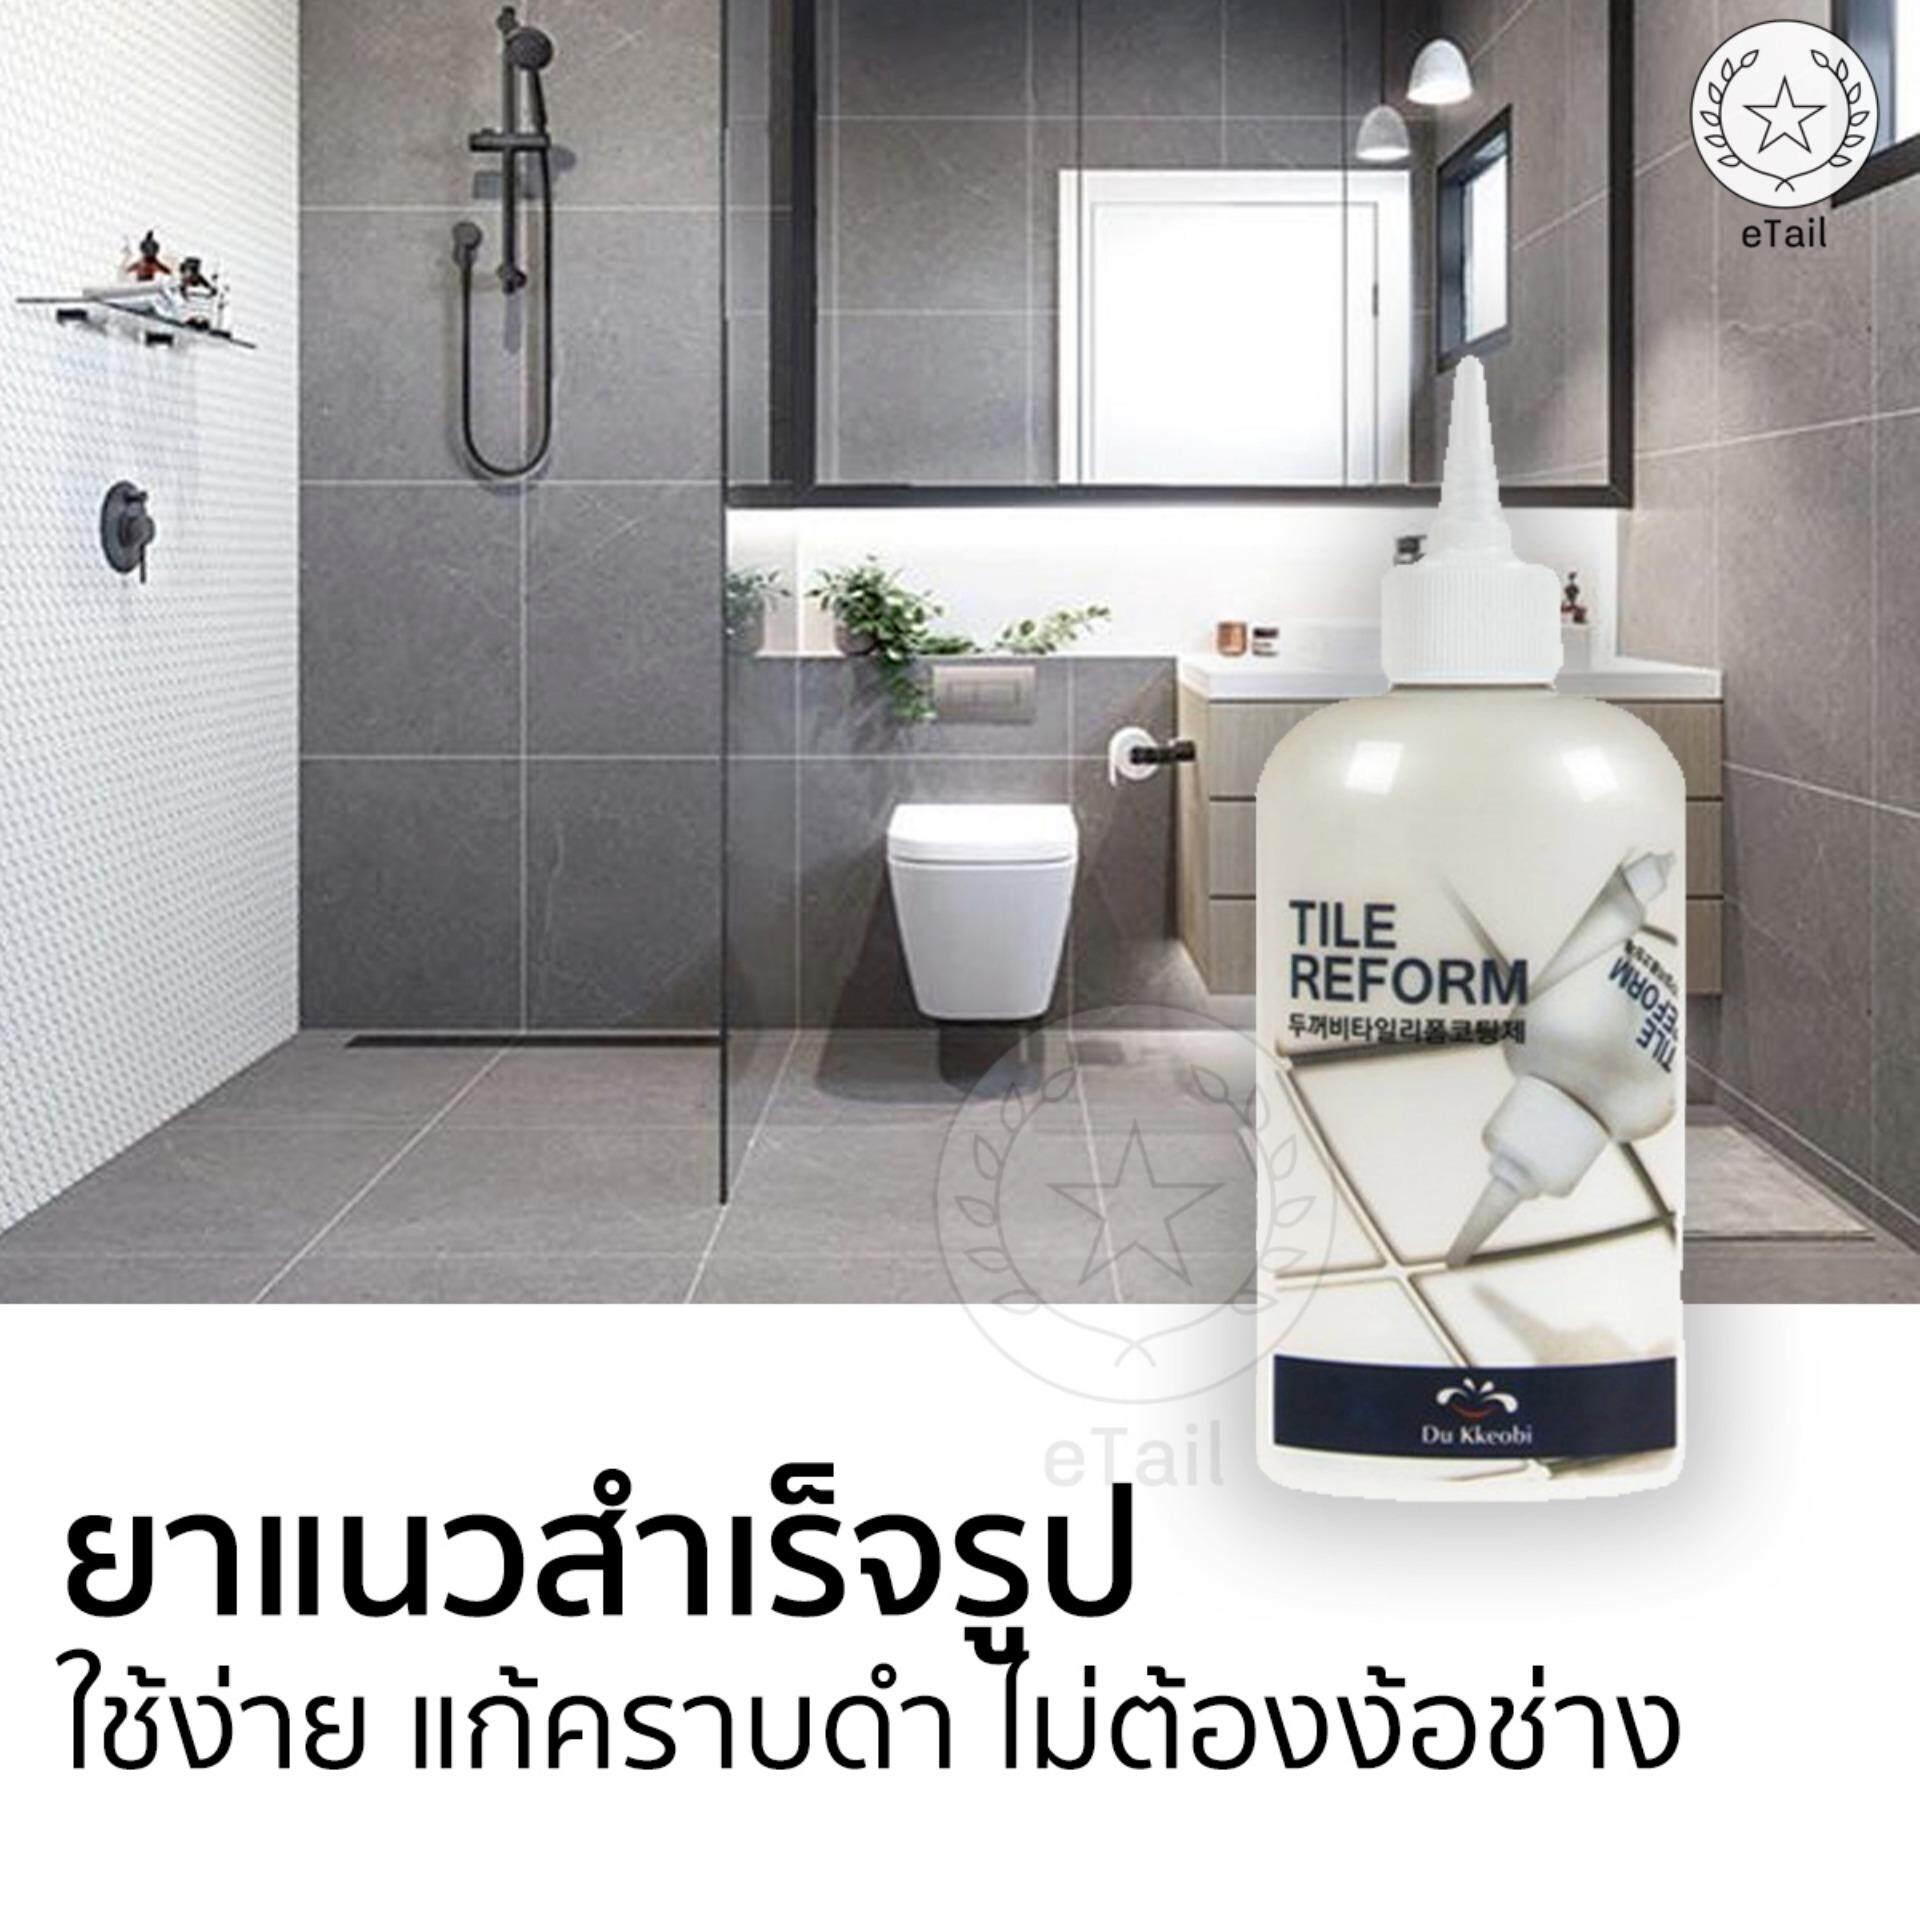 ซื้อ ยาแนวเอนกประสงค์ Super Tile Reform ซ่อมยาแนวห้องน้ำ ห้องครัว ทั้งภายในและภายนอกอาคาร ใหม่ล่าสุด